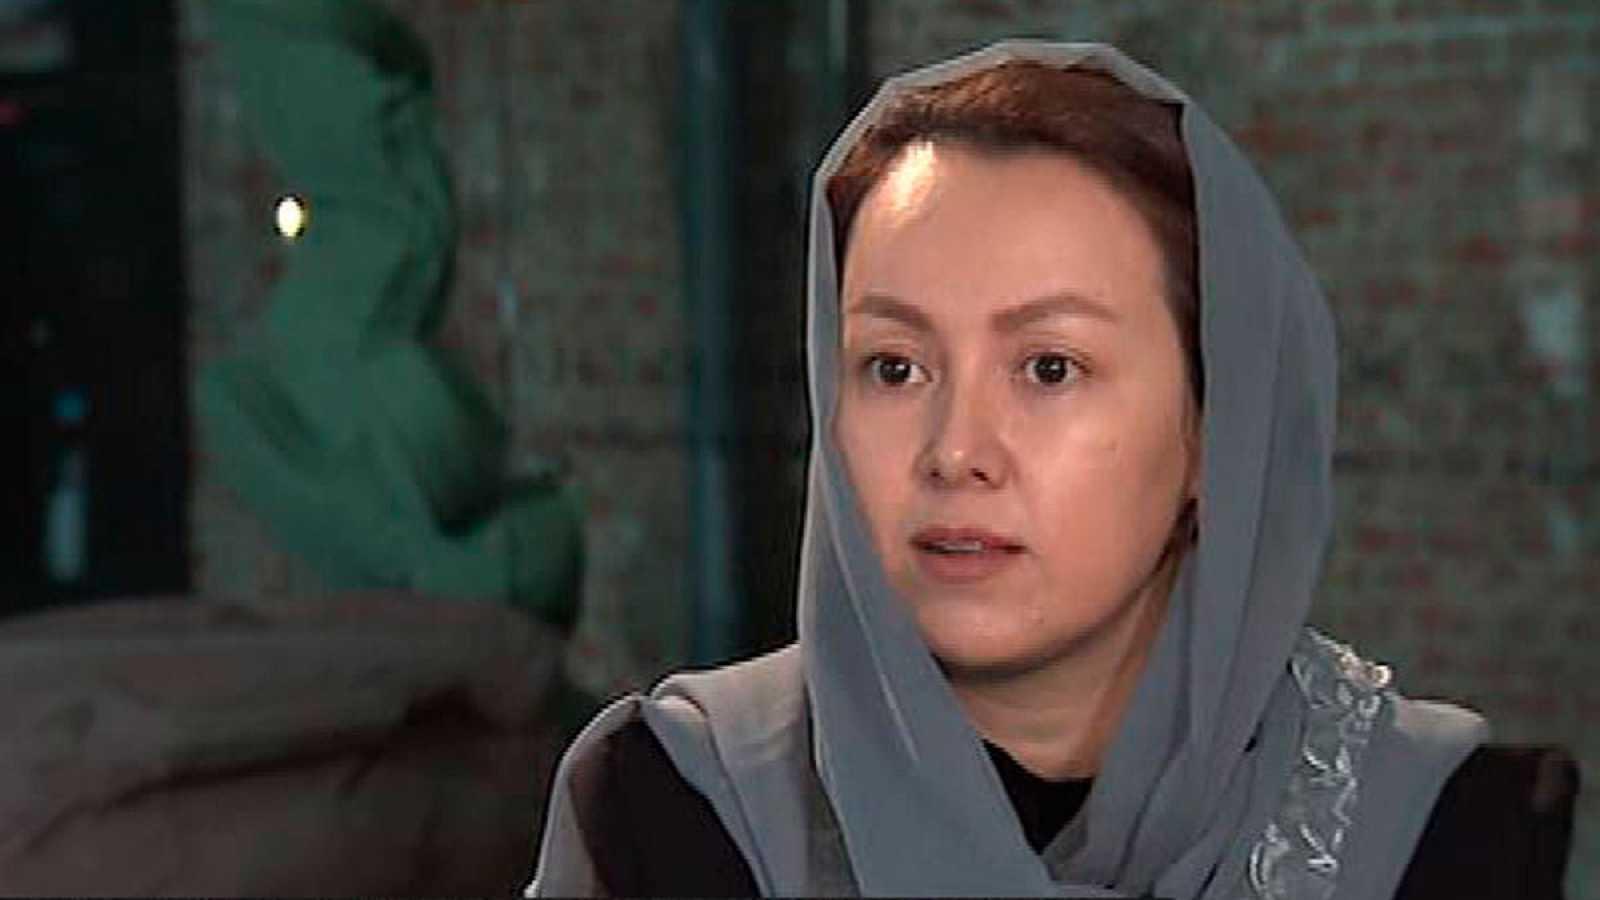 """Khadija Ahmadi, alcaldesa en Afganistán: """"La sociedad afgana no cree que la mujer pueda ser líder"""""""